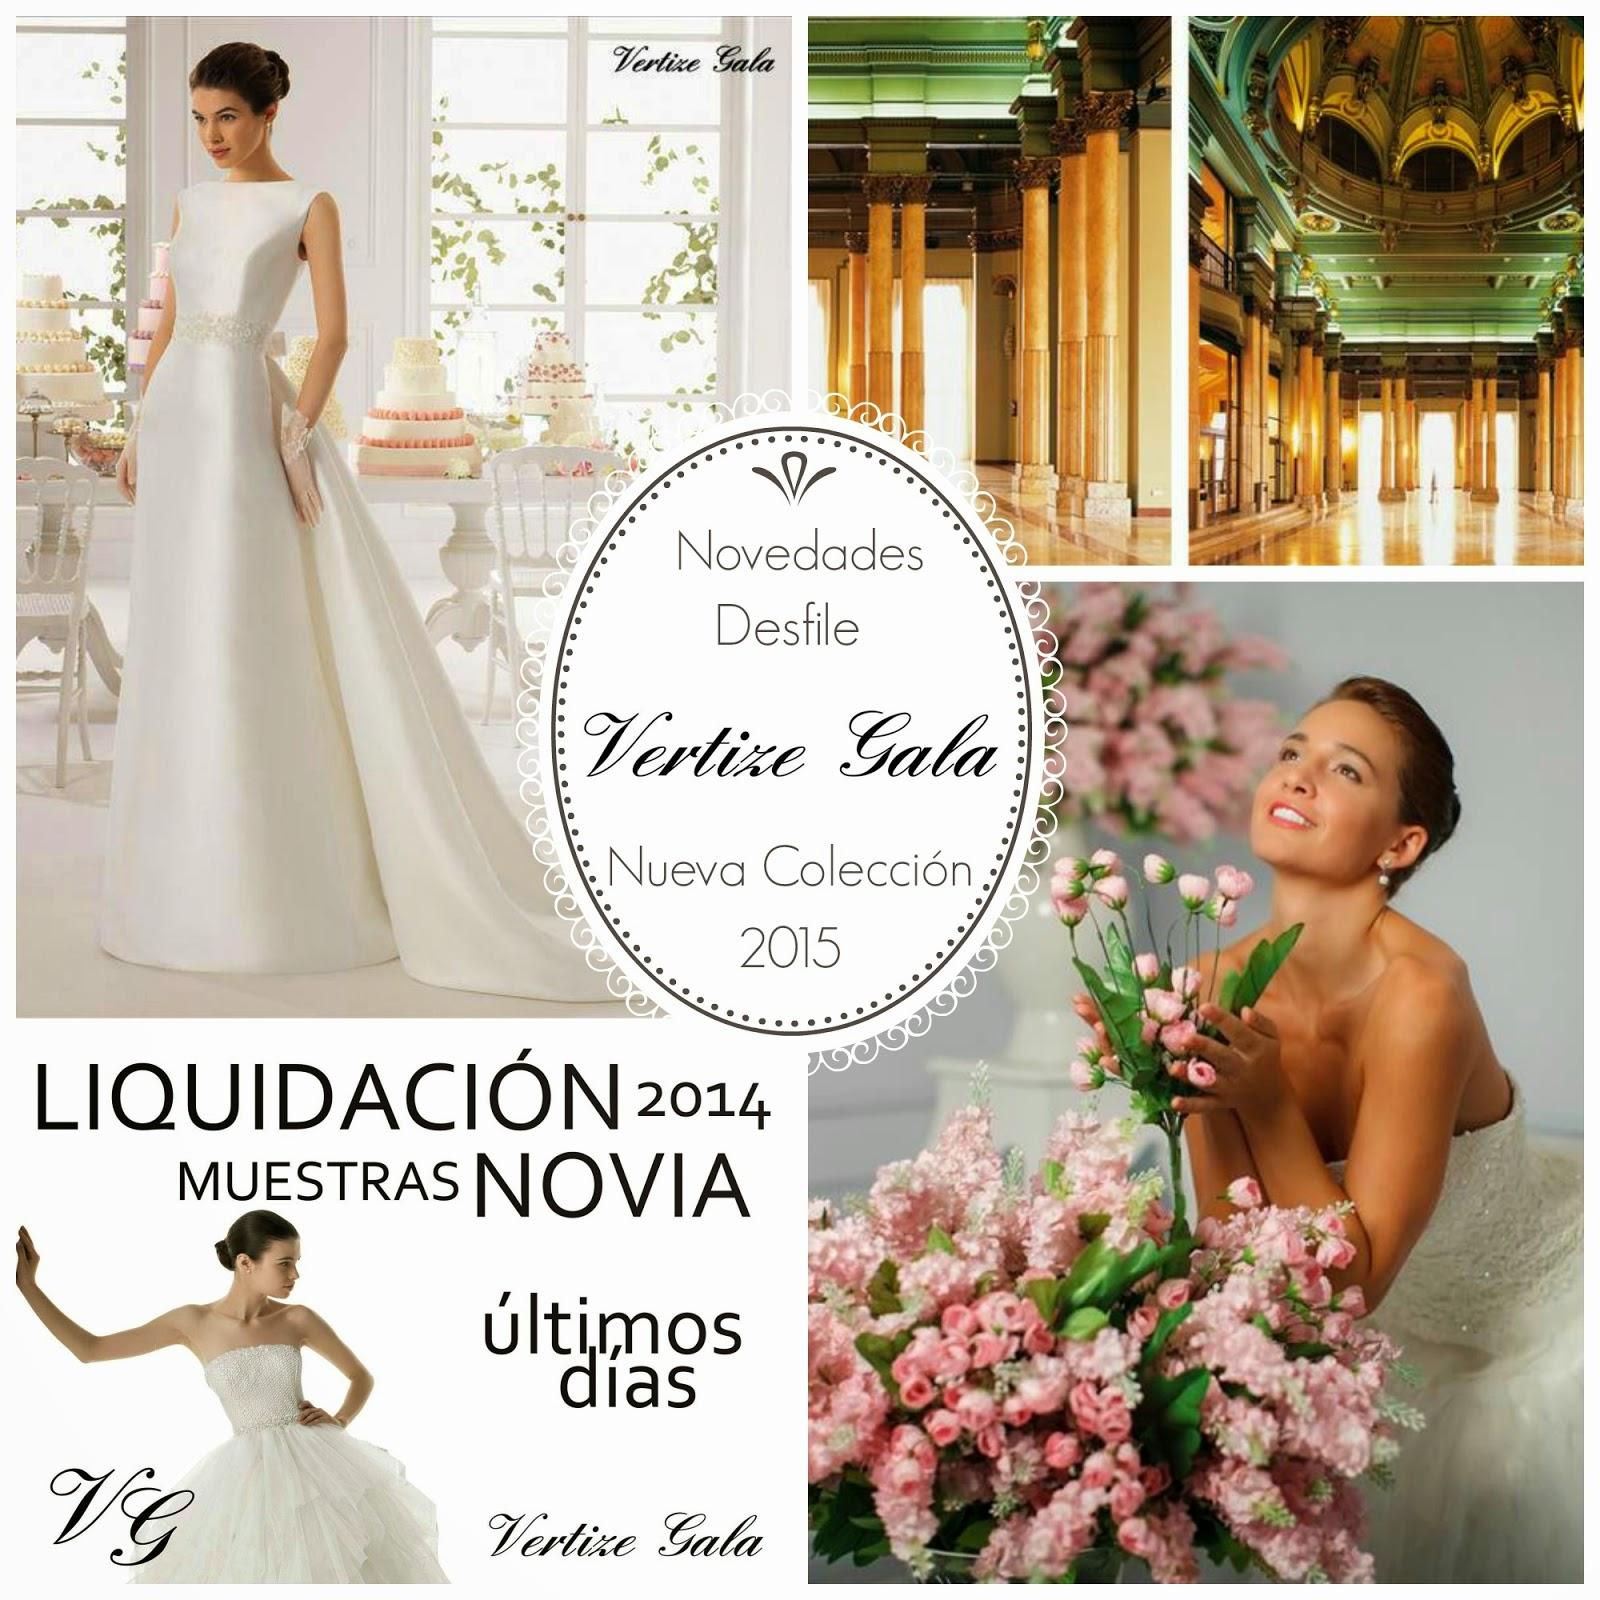 5446c1bd2 vertize gala nueva coleccion vestidos novia 2015 desfile circulo bellas  artes blog mi boda gratis